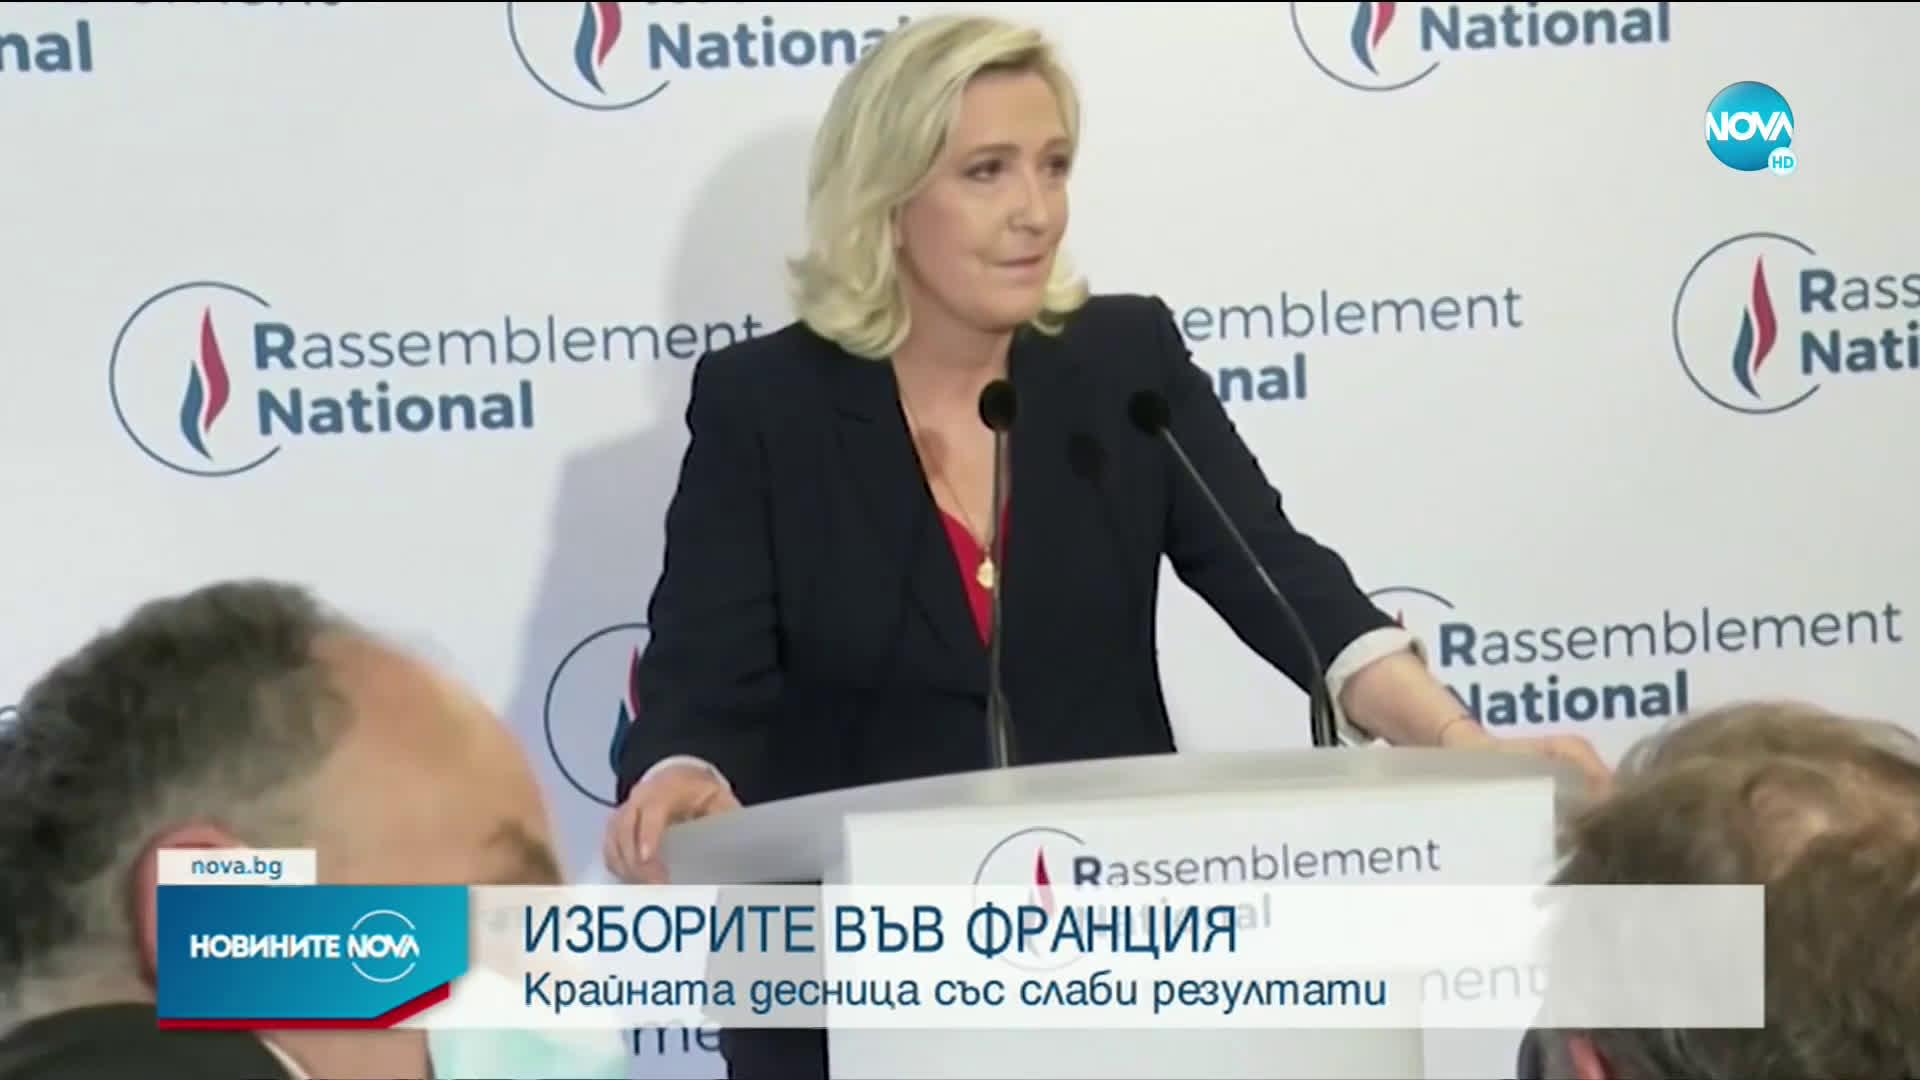 Крайната десница със слаби резултати на местния вот във Франция